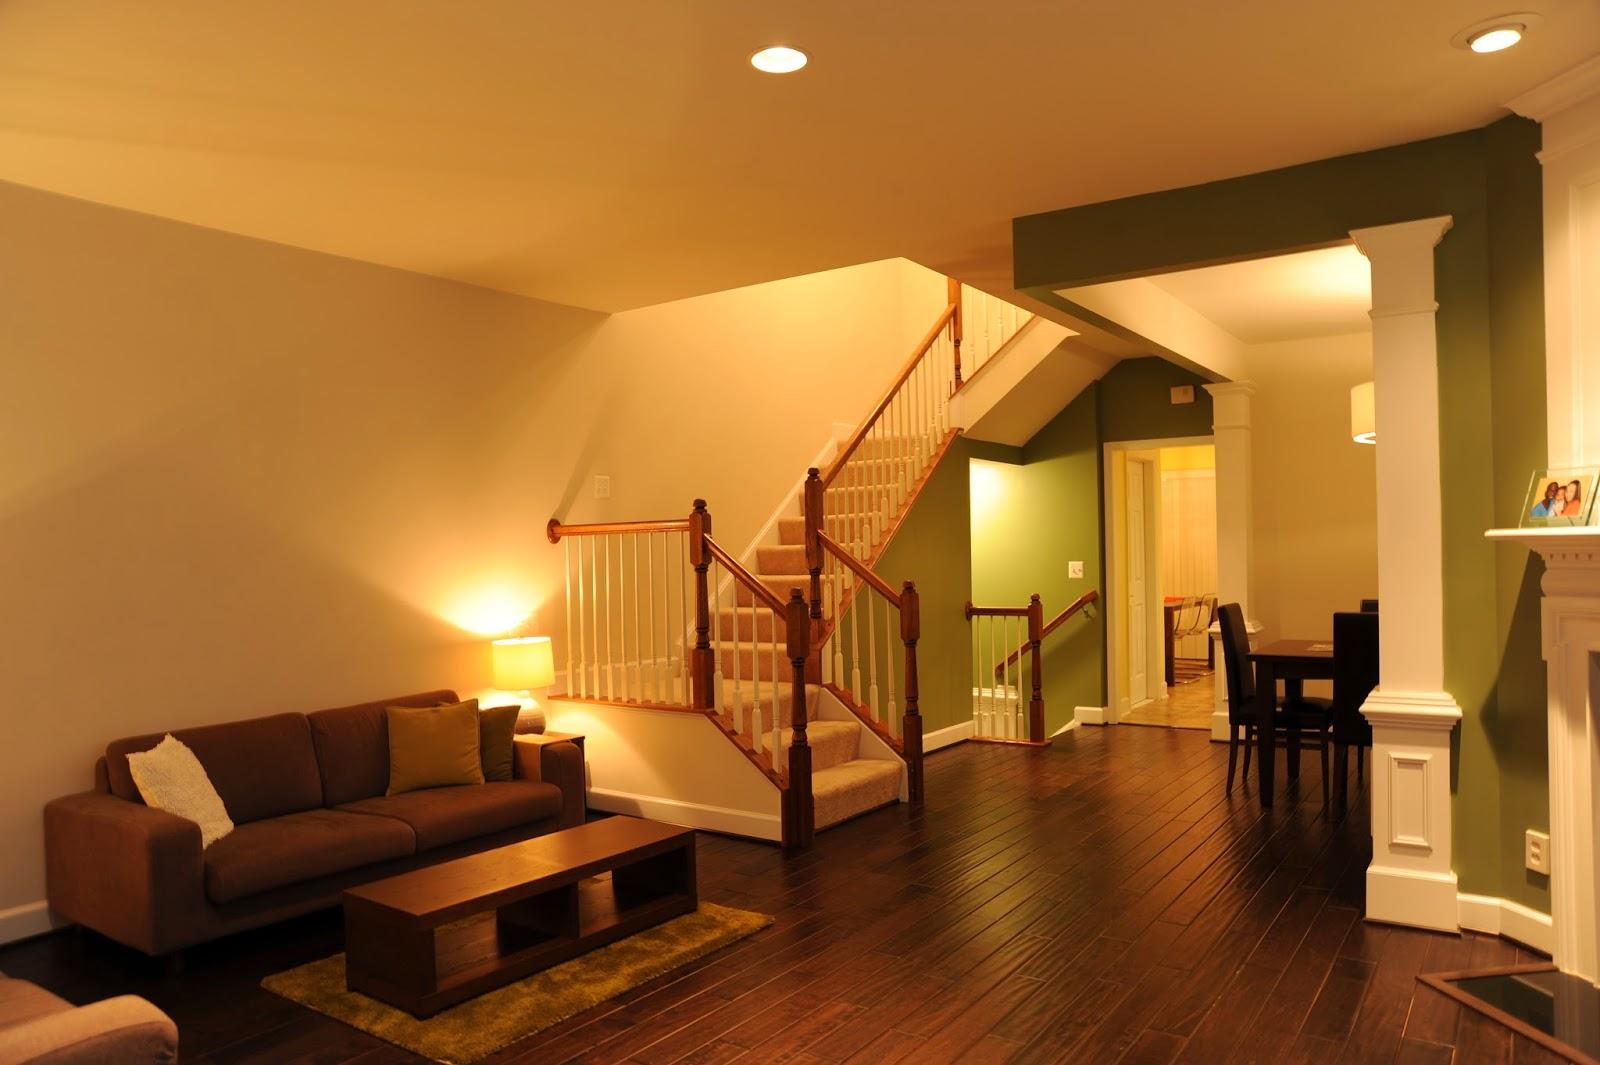 Party Room For Rent In Woodbridge Va